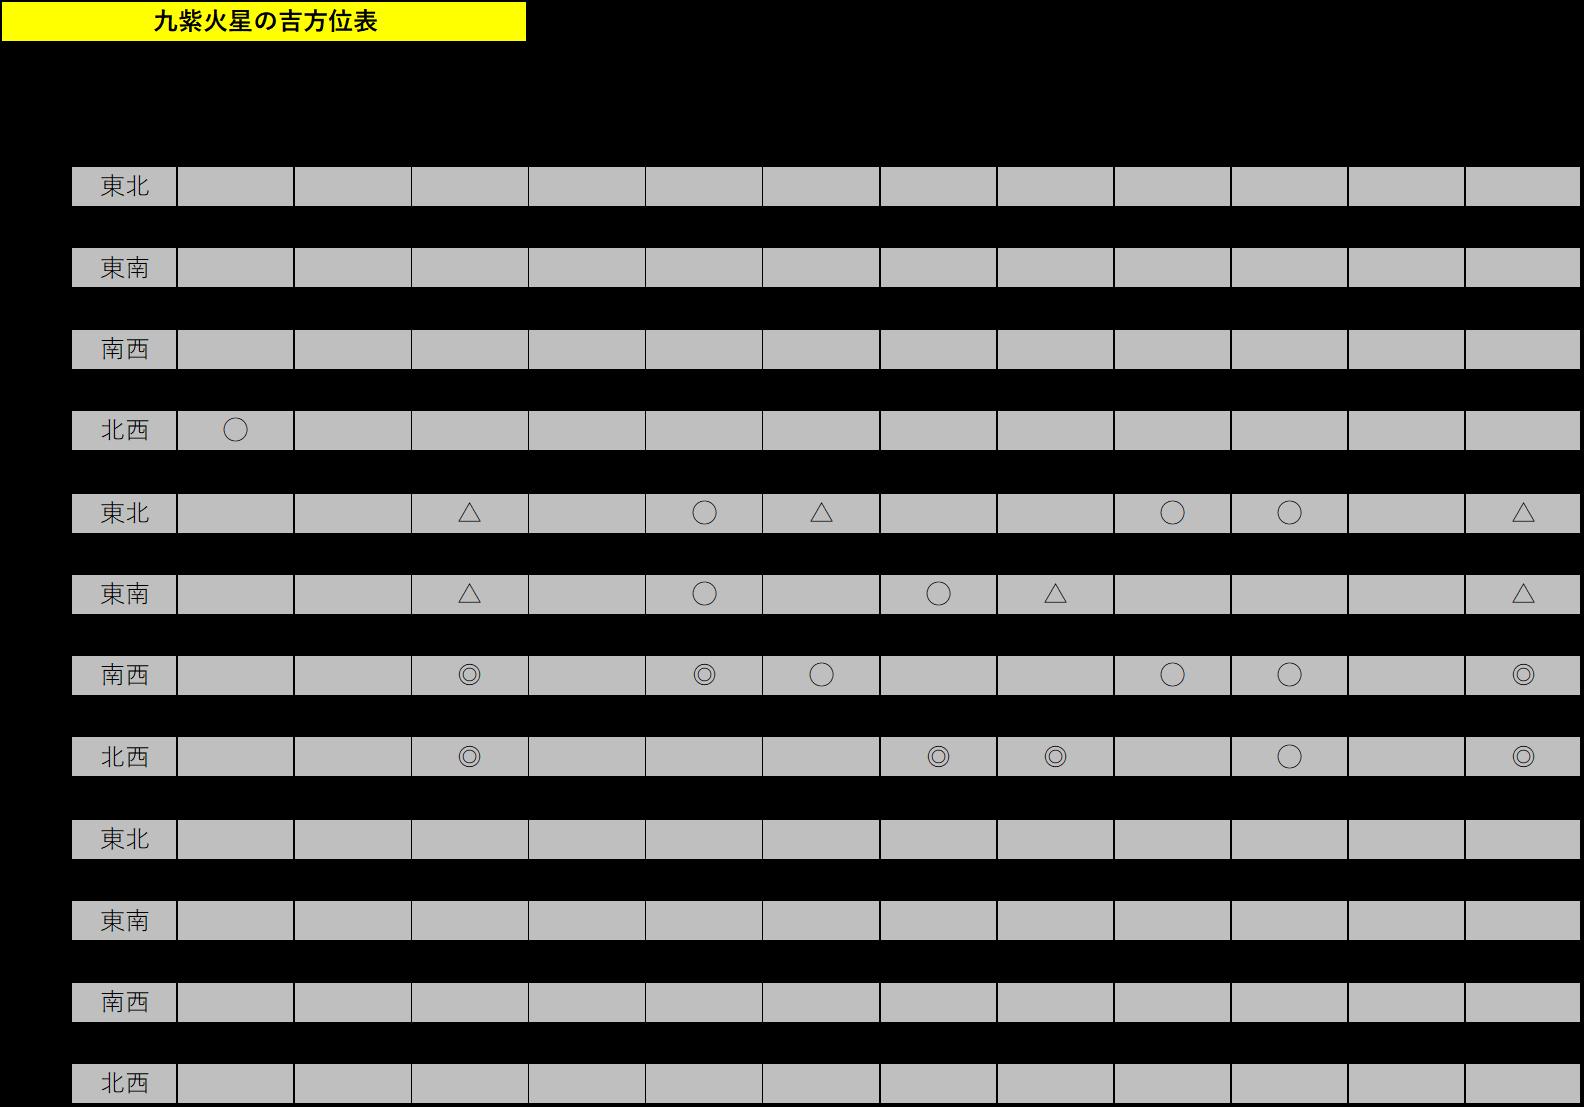 九紫火星の吉方位表